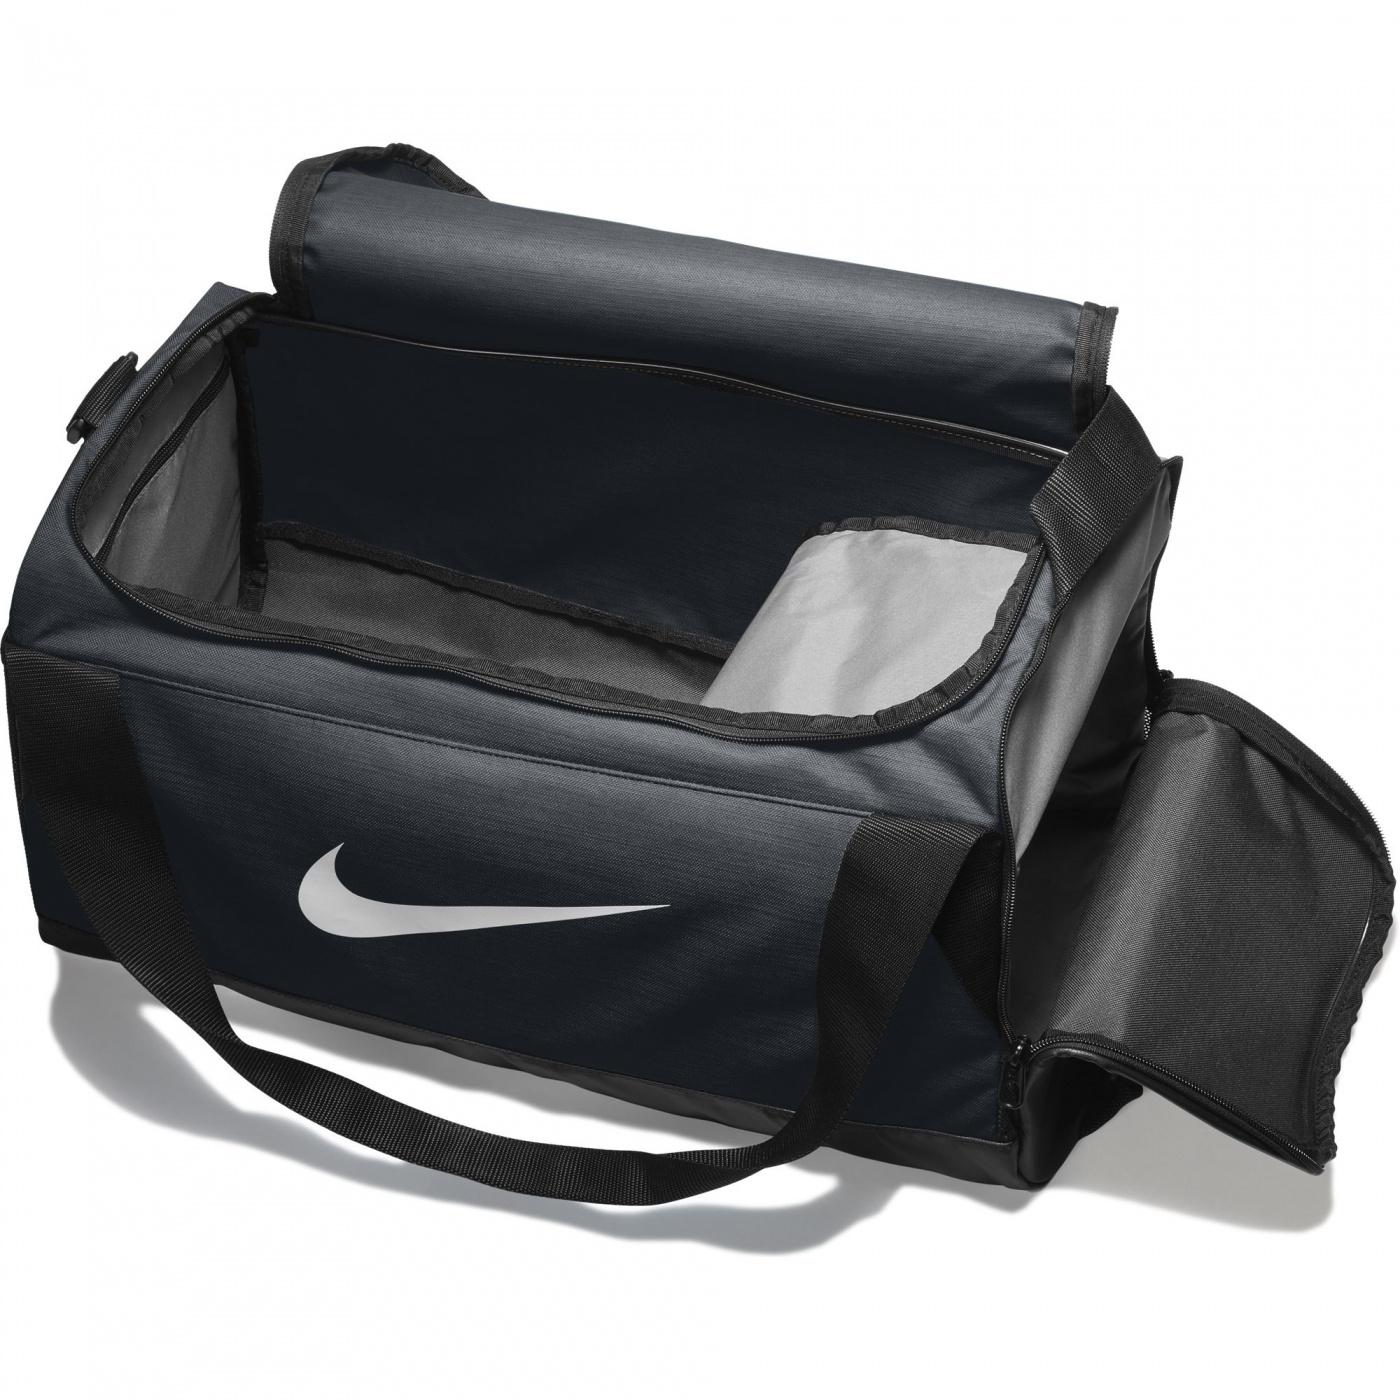 d85e91ebb1a61 Torba Nike Brasilia Duff BA5335 010 rozm. S - 7417409599 - oficjalne ...